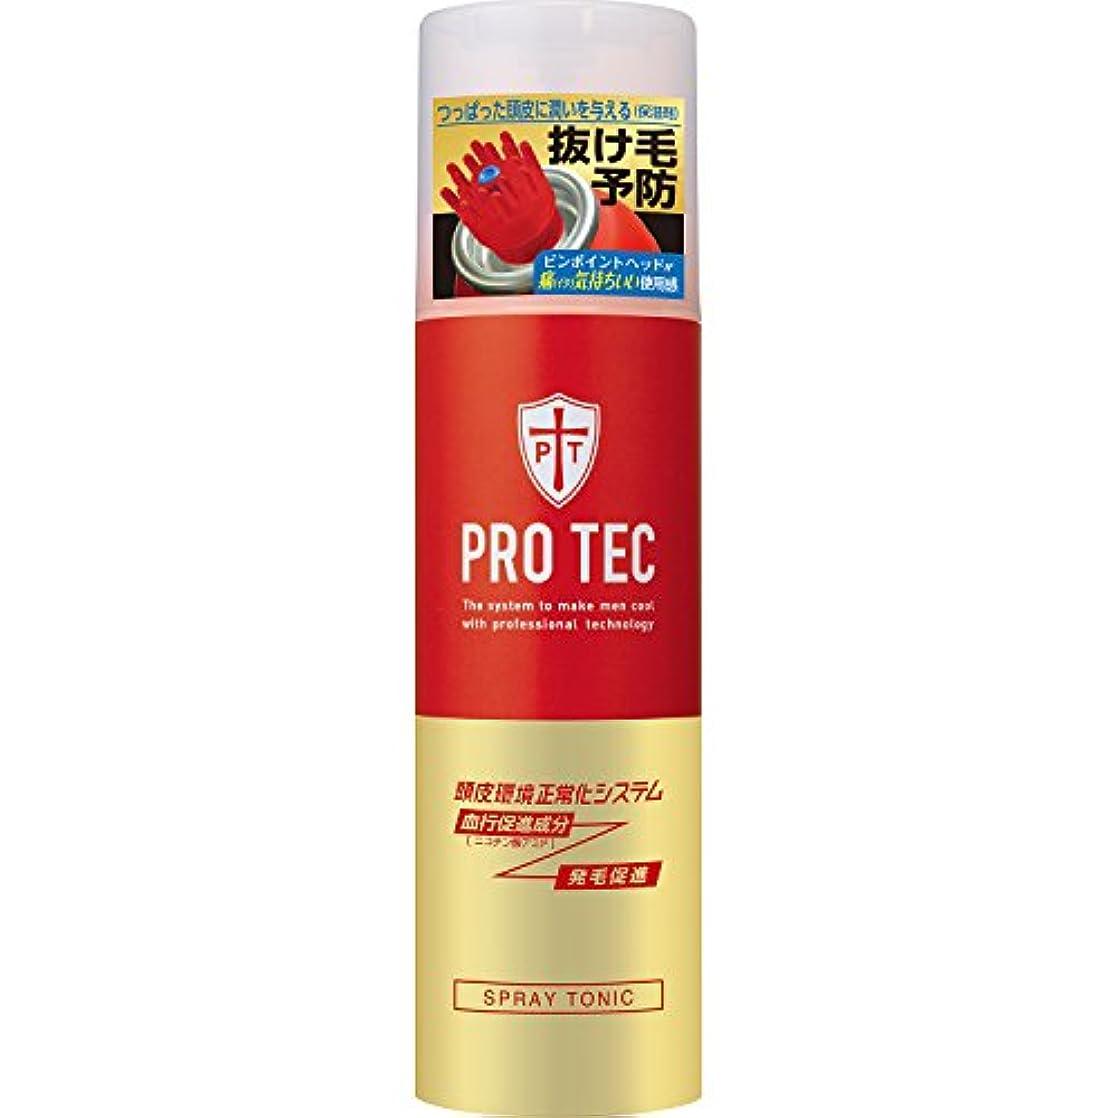 ロゴお父さん止まるPRO TEC(プロテク) スプレートニック 150g(医薬部外品)